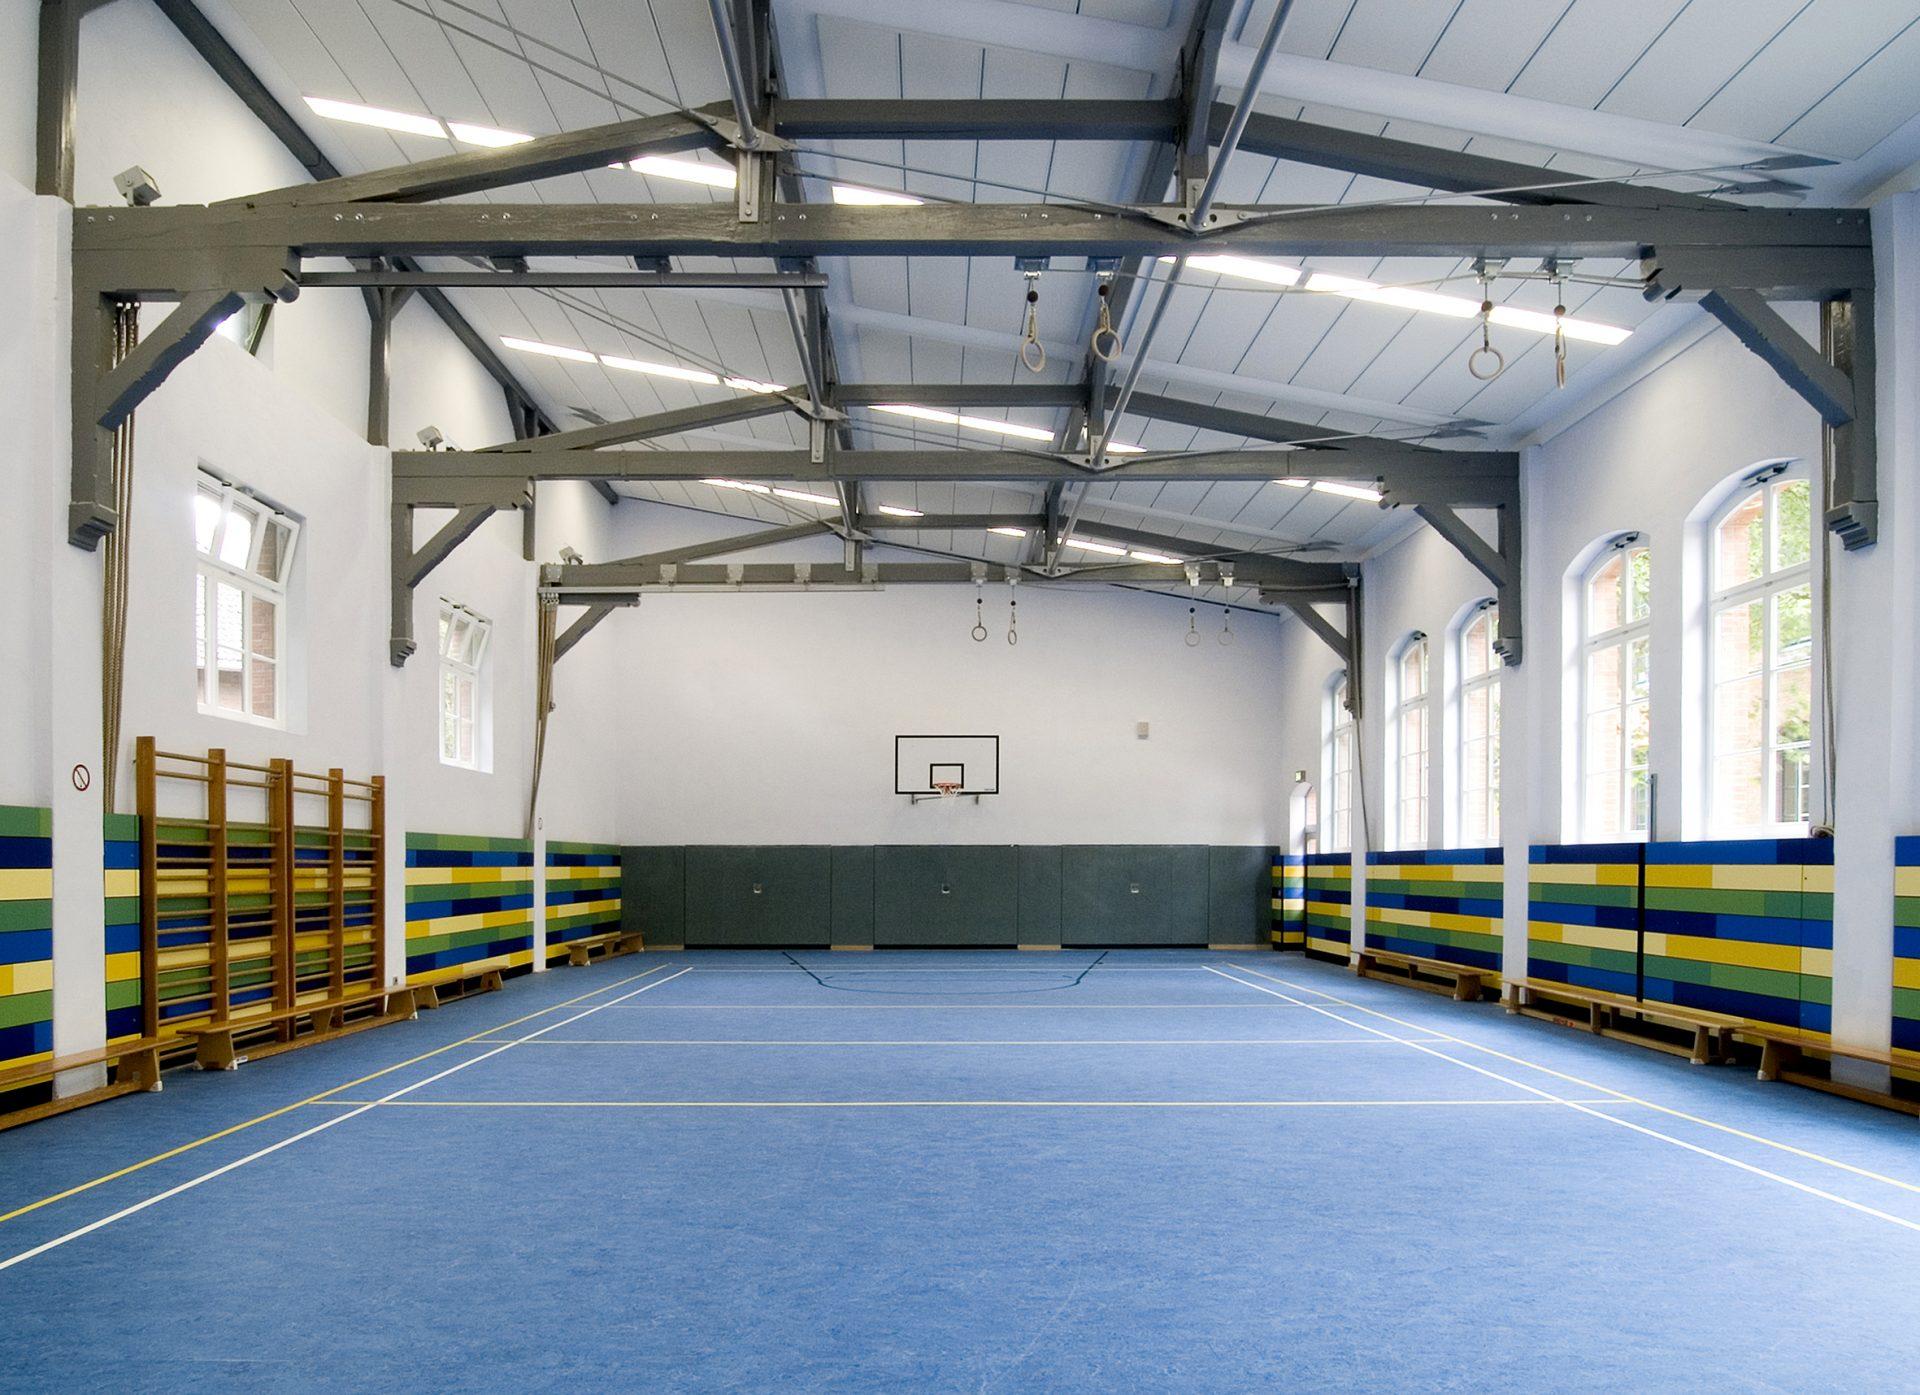 http://www.stricker-architekten.de/projekte/grundschule-am-lindener-markt-hannover/